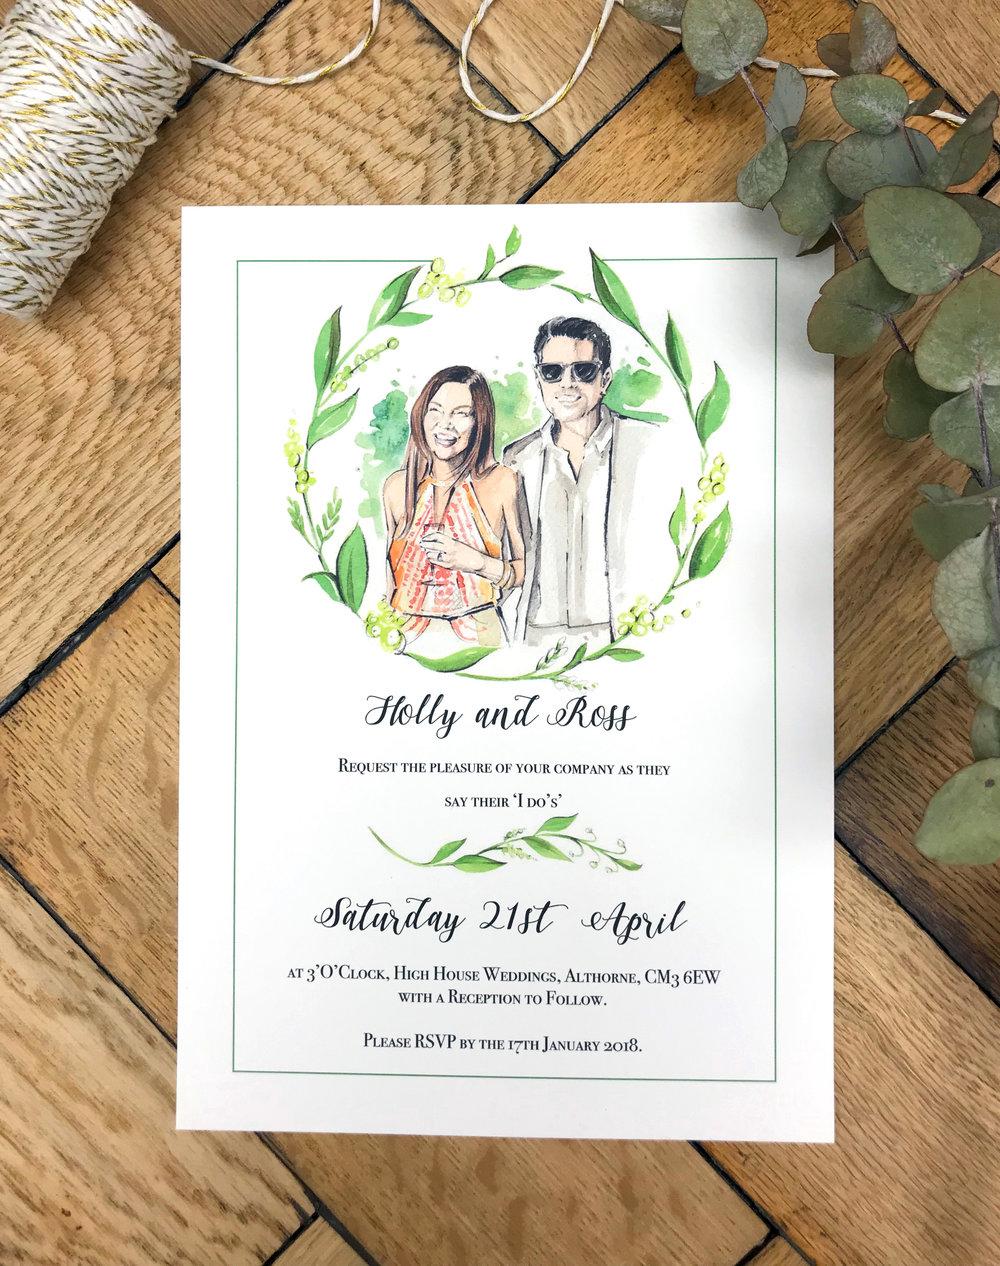 Watercolor Portrait Wedding Invitation   Watercolor Illustrated Wedding  Invitation   Hand Painted Wedding Invite